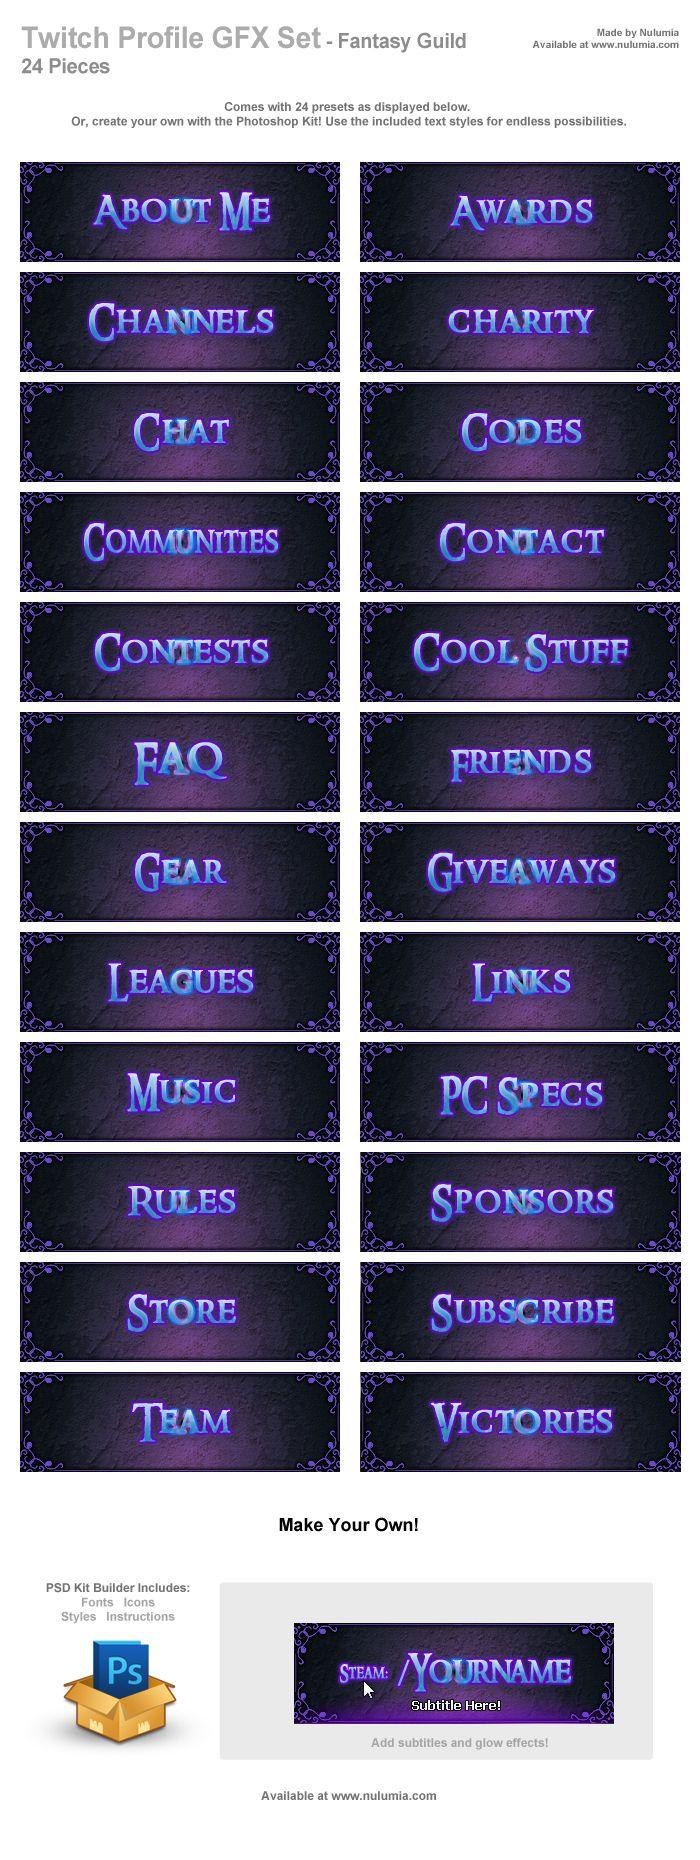 Free Fantasy Guild Twitch Profile Set in 2020 Profile